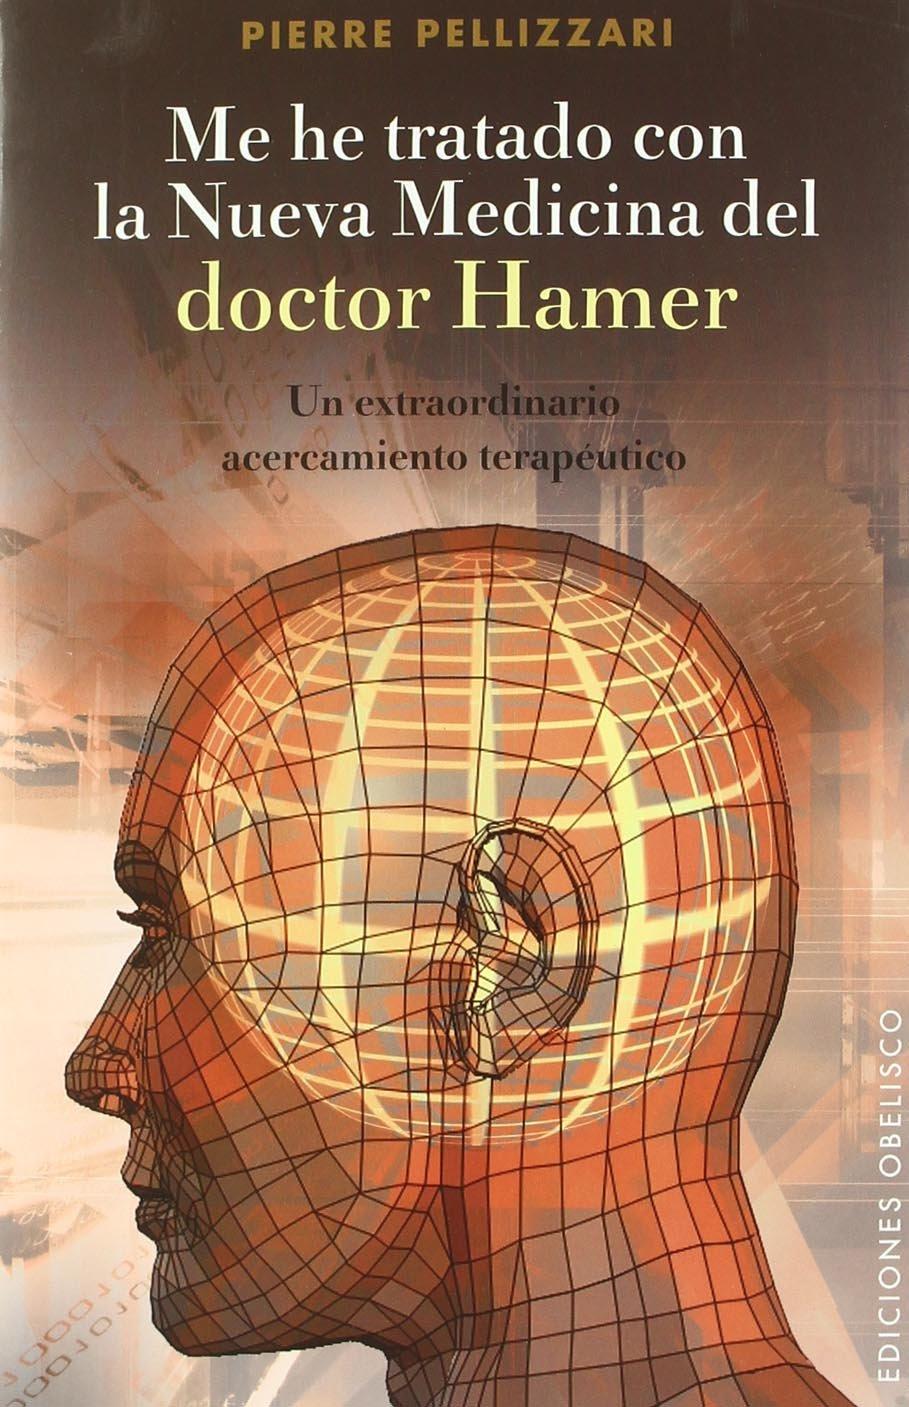 Download Me he tratado con la nueva medicina del Dr. Hamer (Spanish Edition) PDF